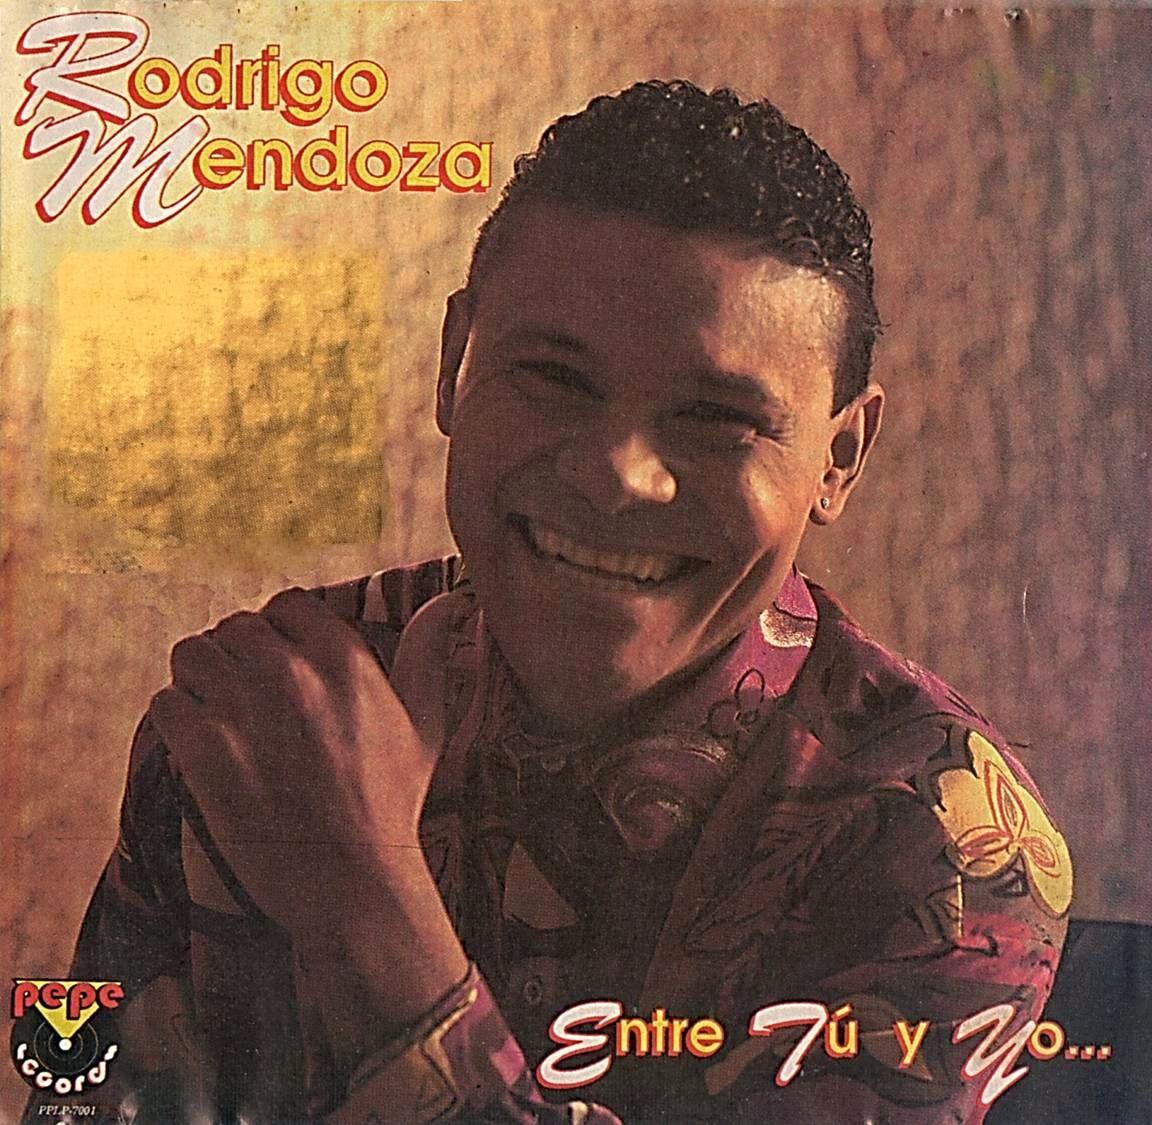 ENTRE TU Y YO - RODRIGO MENDOZA (1992)